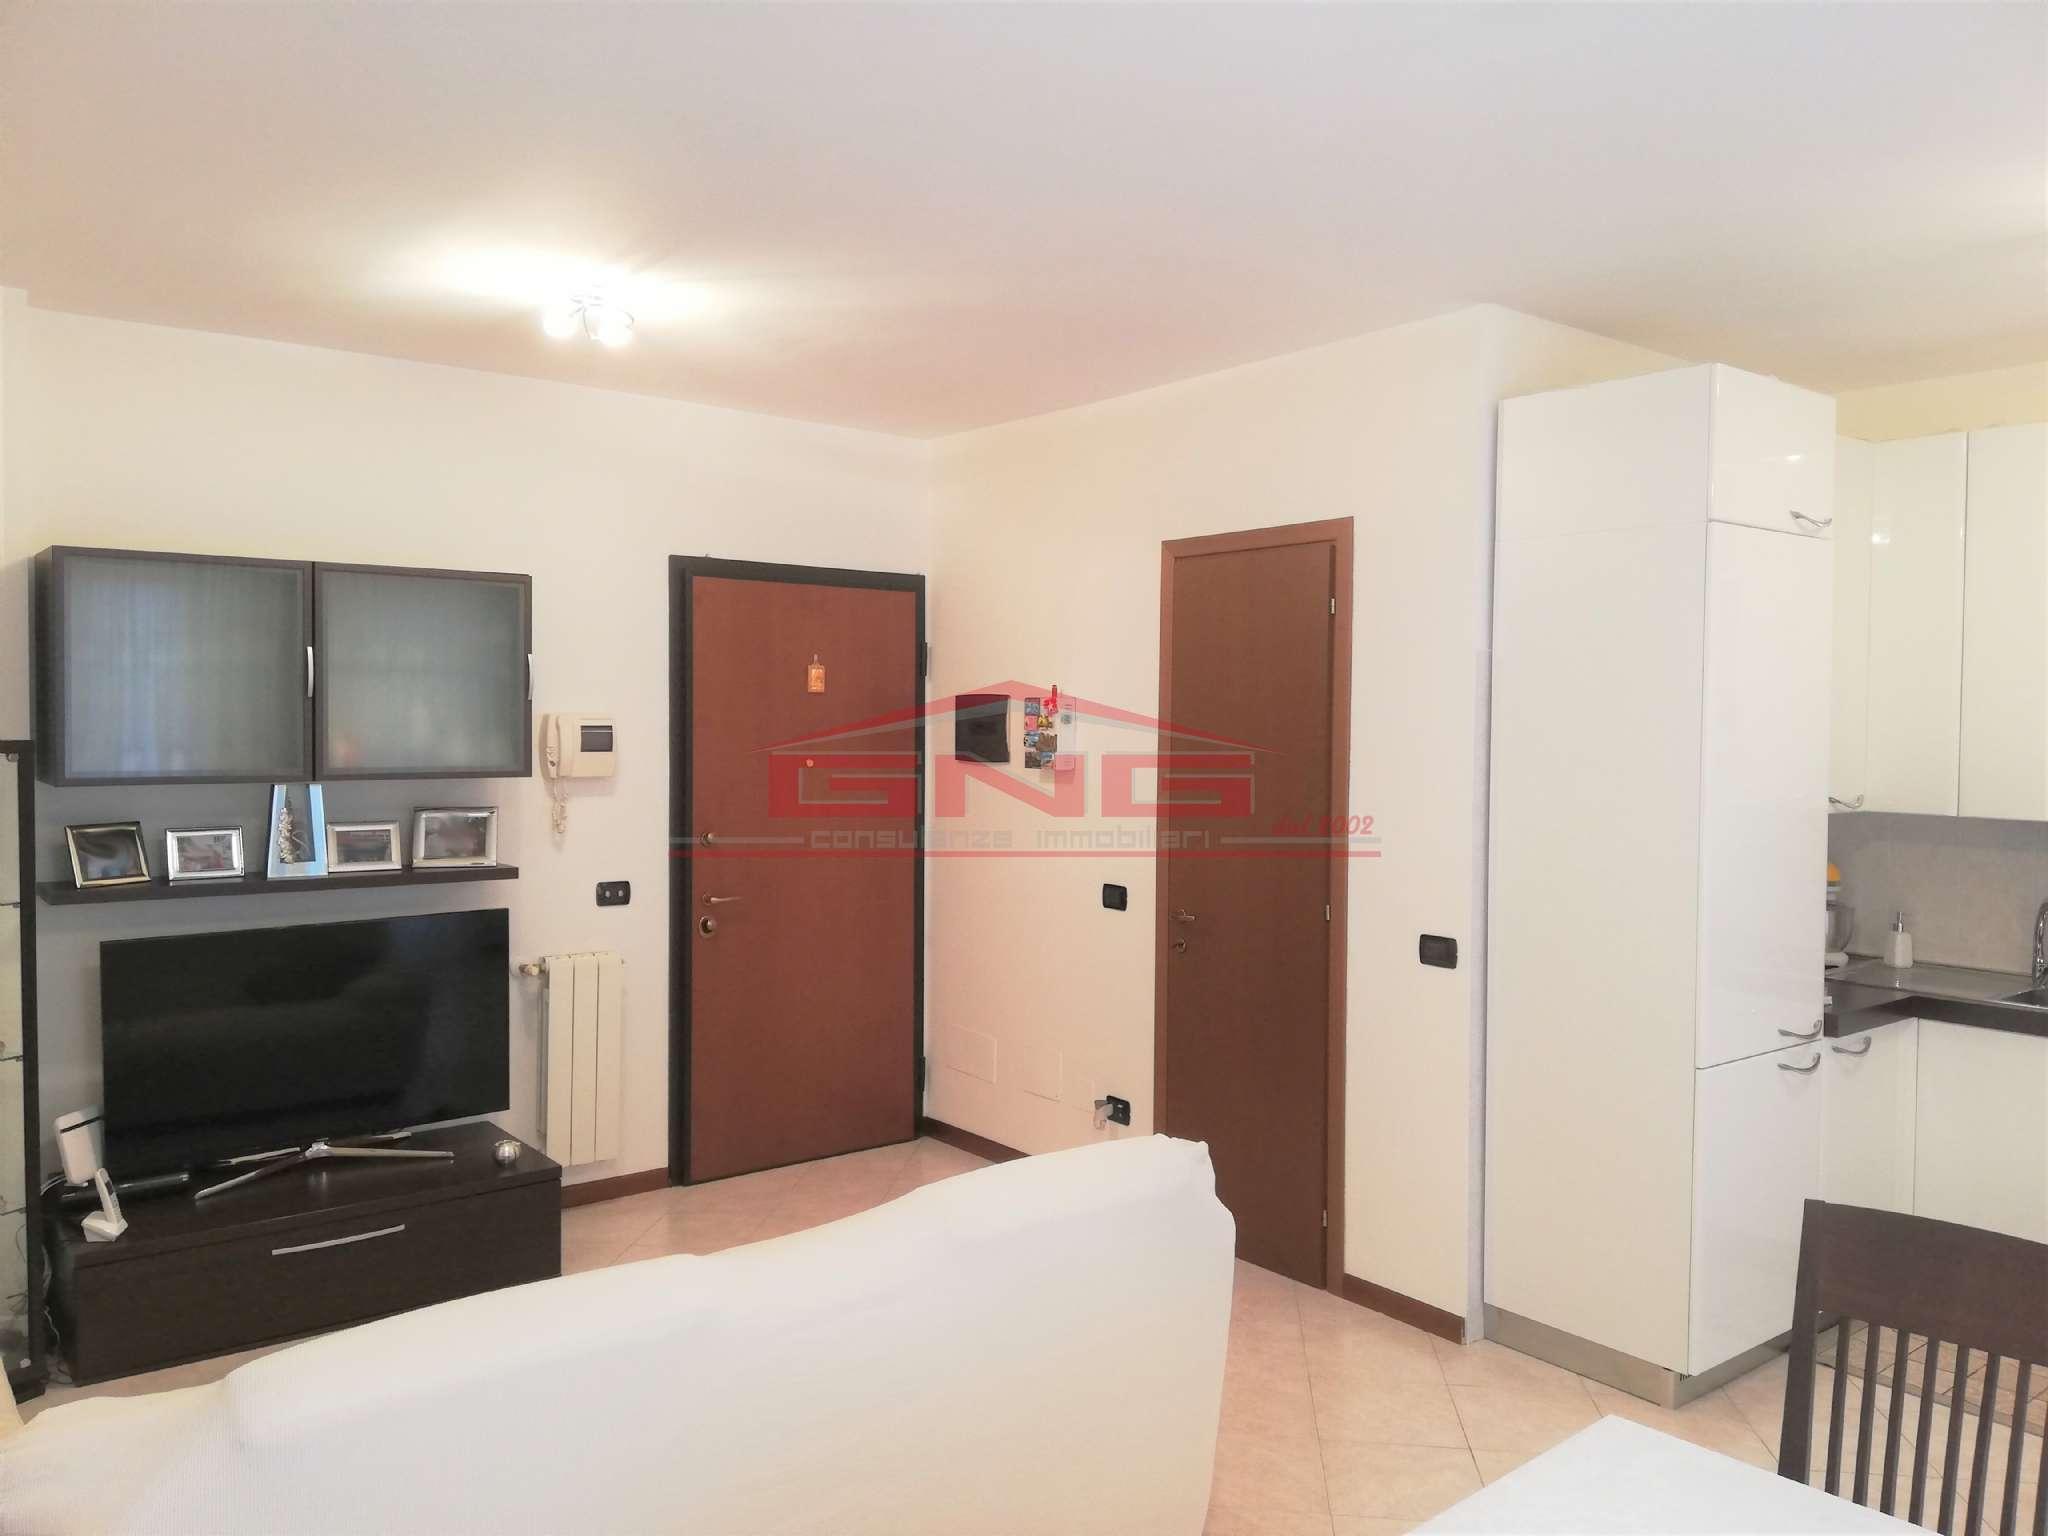 Appartamento in vendita a Mediglia, 3 locali, prezzo € 179.000 | CambioCasa.it